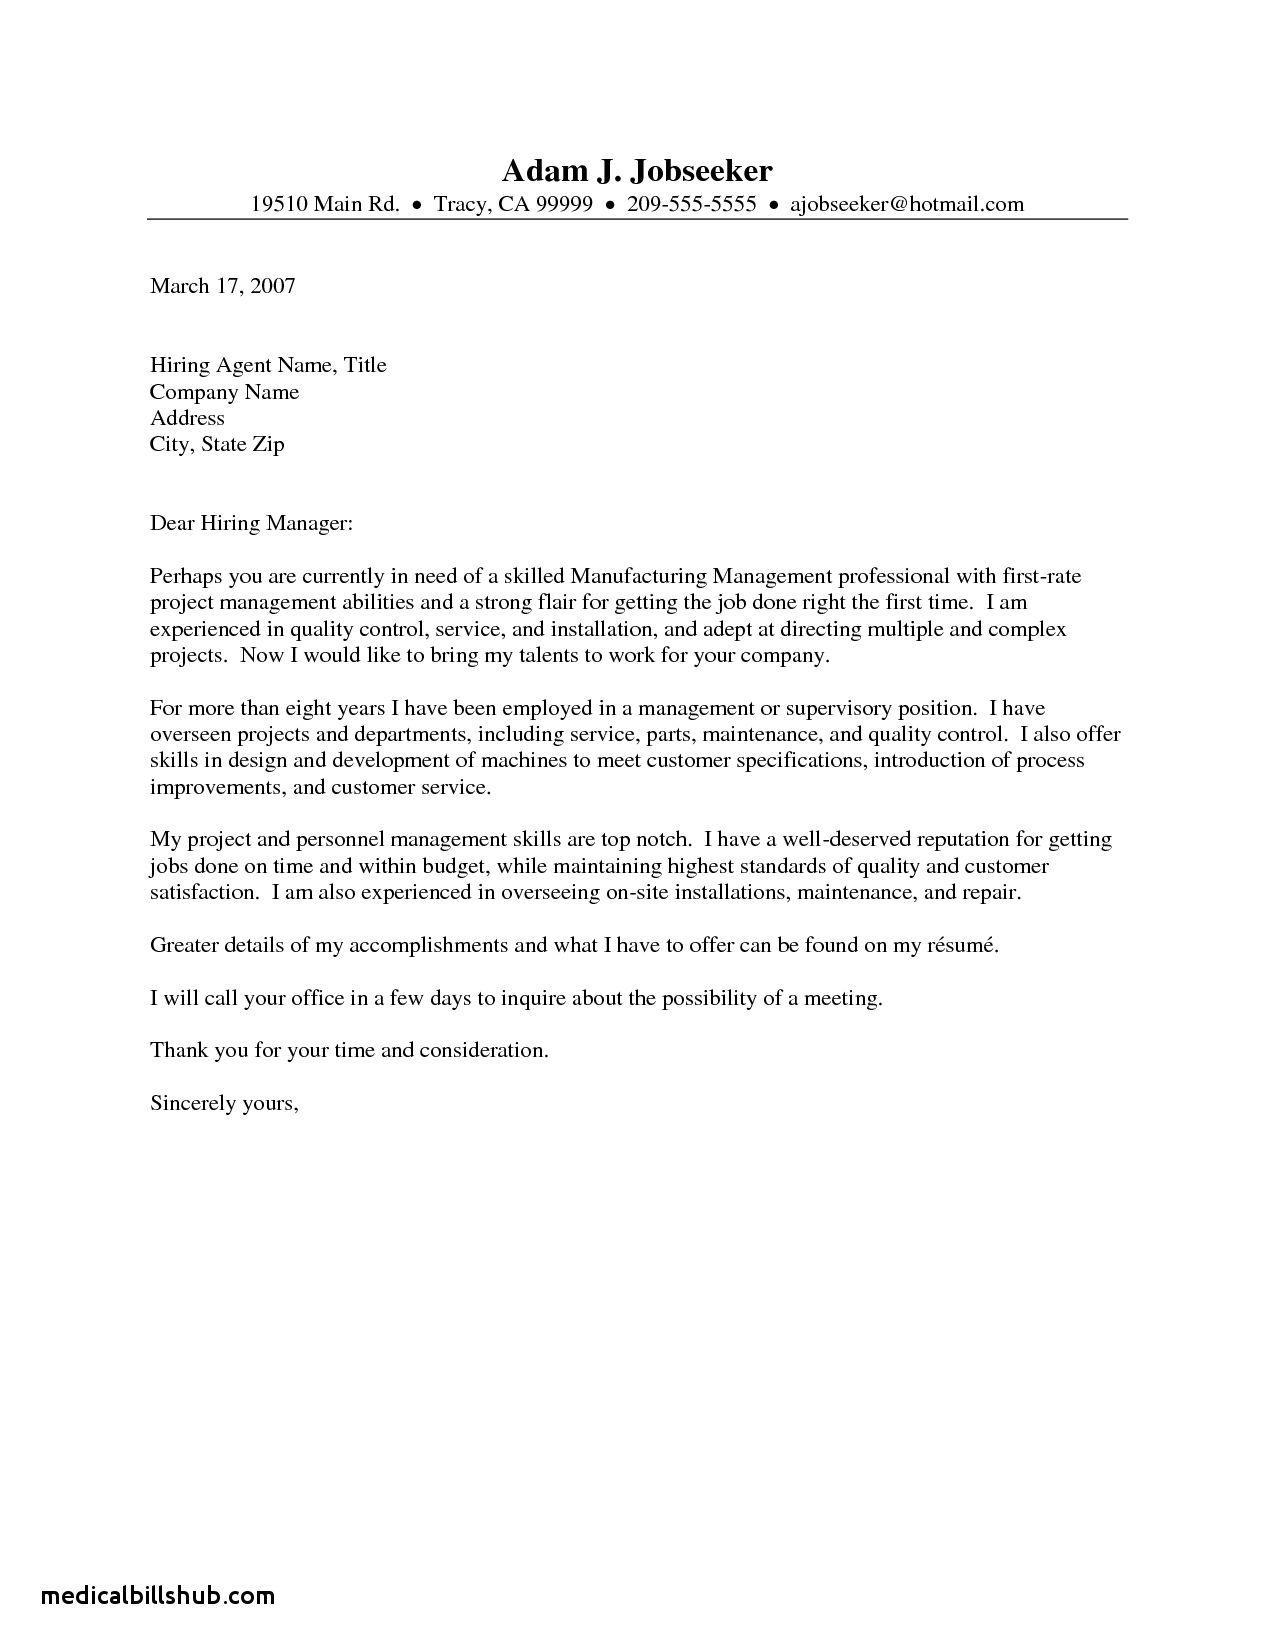 25 Email Cover Letter Email Cover Letter Cover Letter Job Application Email New Cover Job Application Cover Letter Job Cover Letter Application Cover Letter